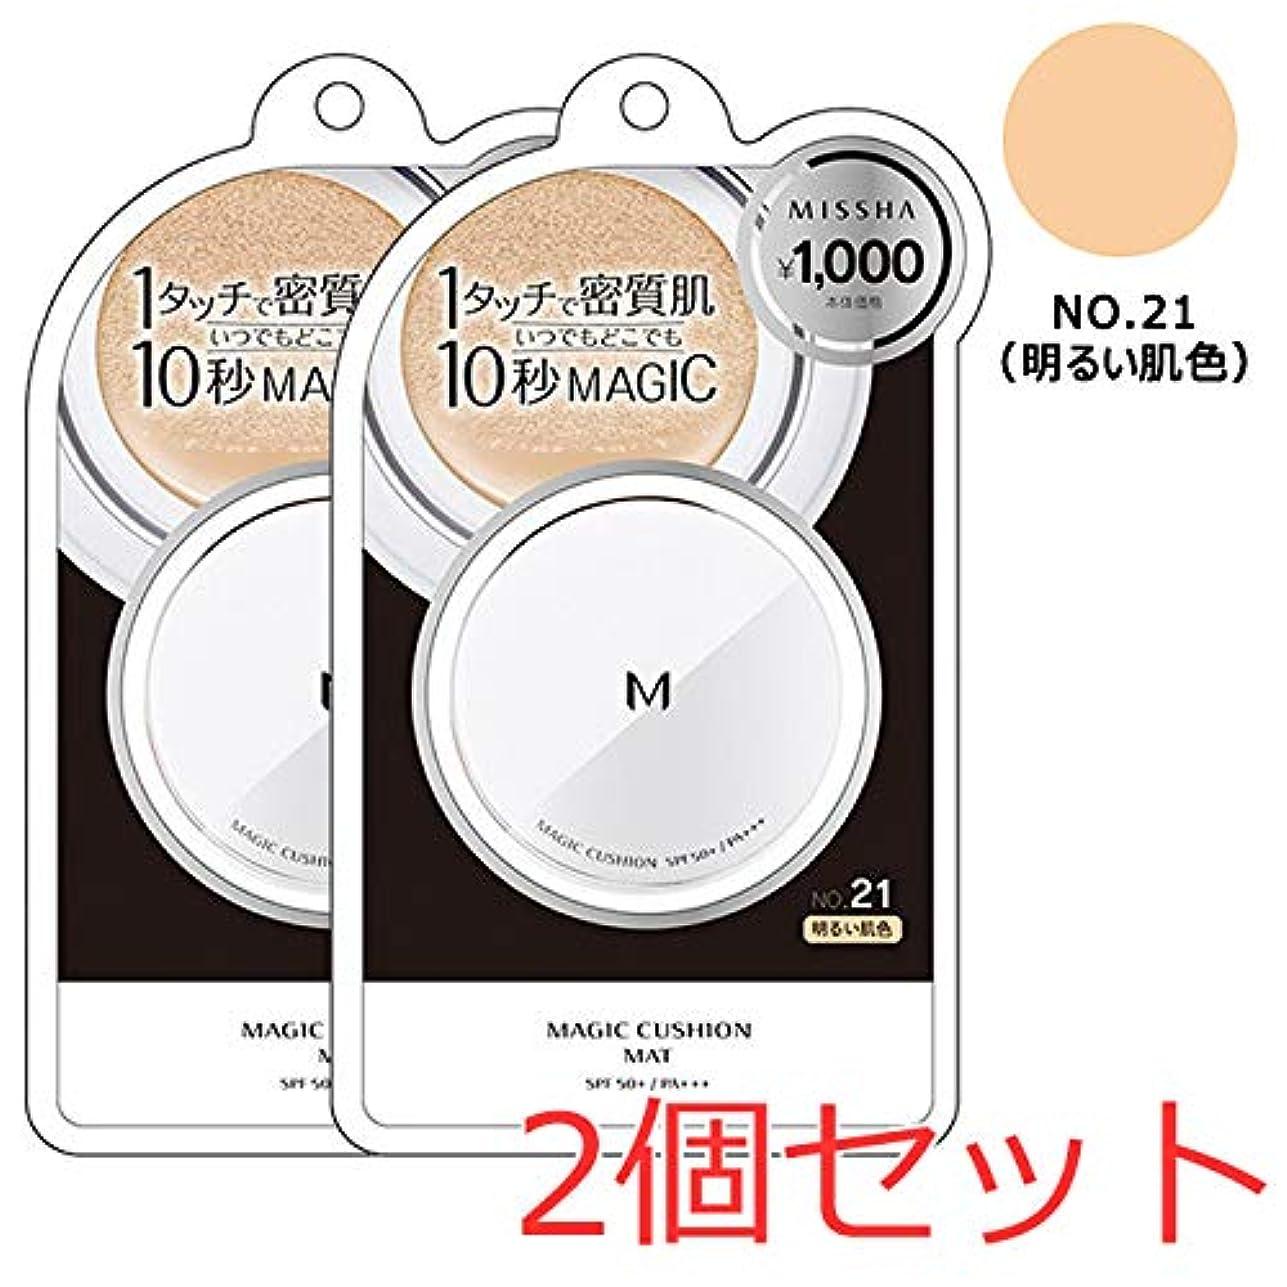 ユーザー健全知覚的ミシャ M クッション ファンデーション (マット) No.21 明るい肌色 2個セット